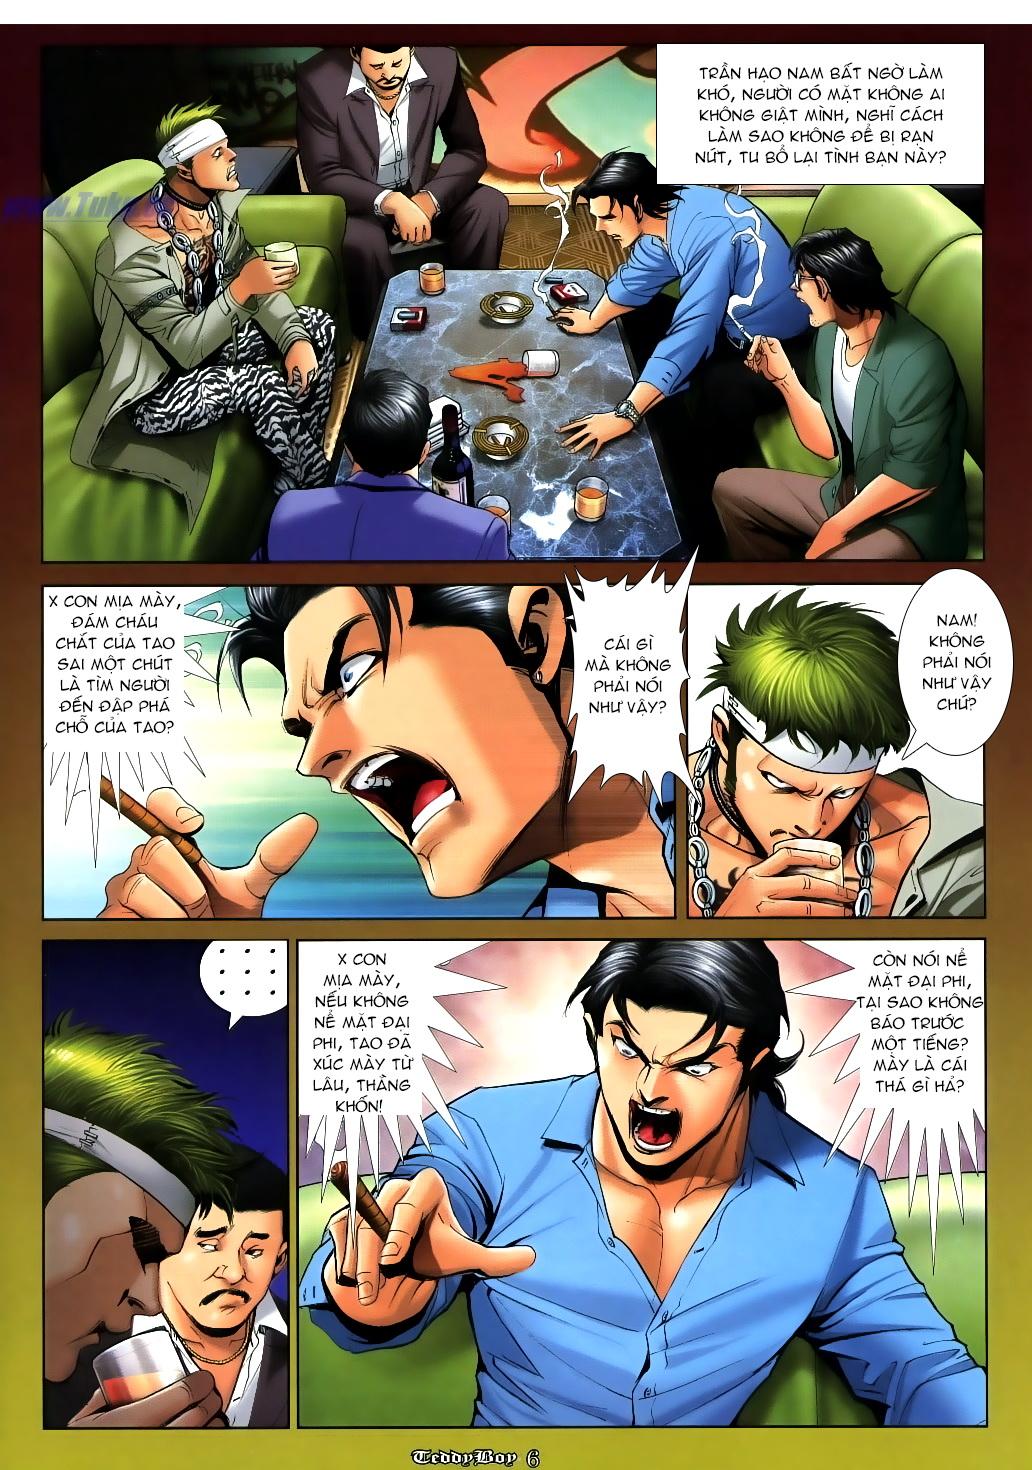 Người Trong Giang Hồ NetTruyen chap 987 - Trang 3